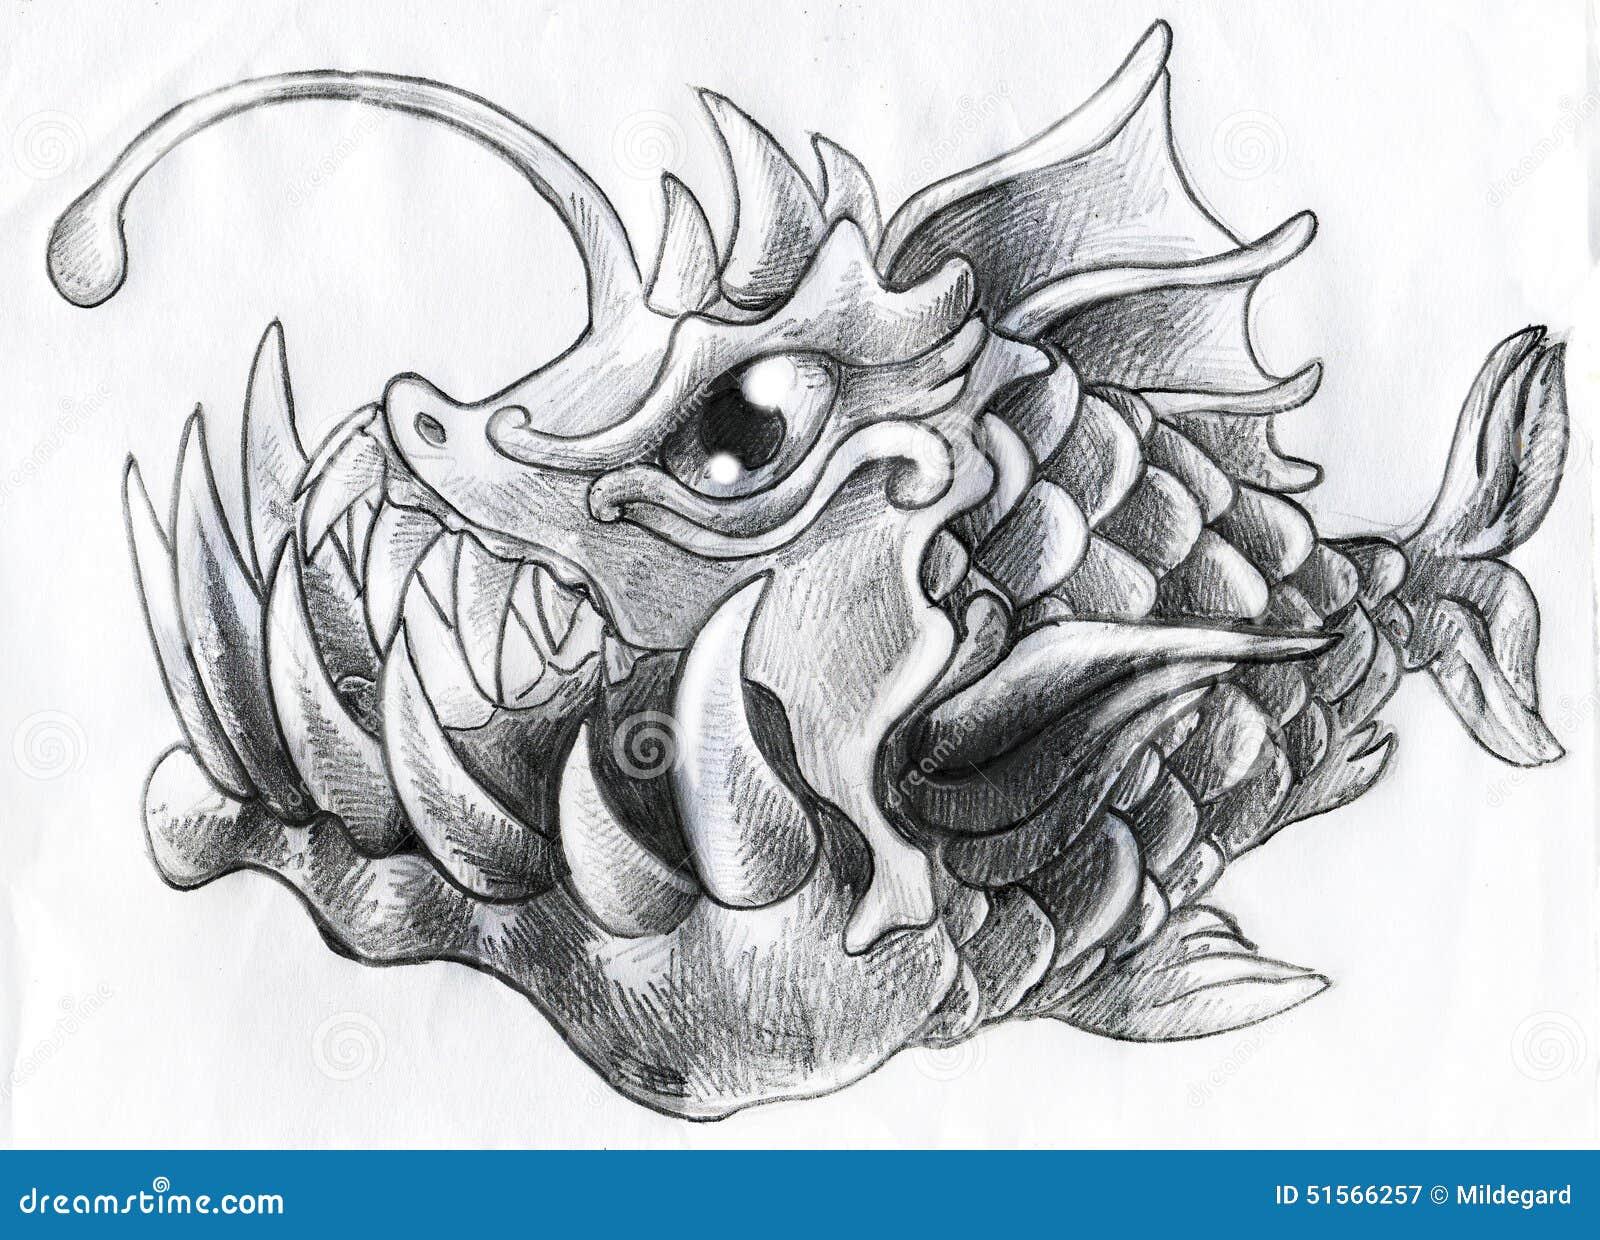 Fantasy deep water fish pencil sketch